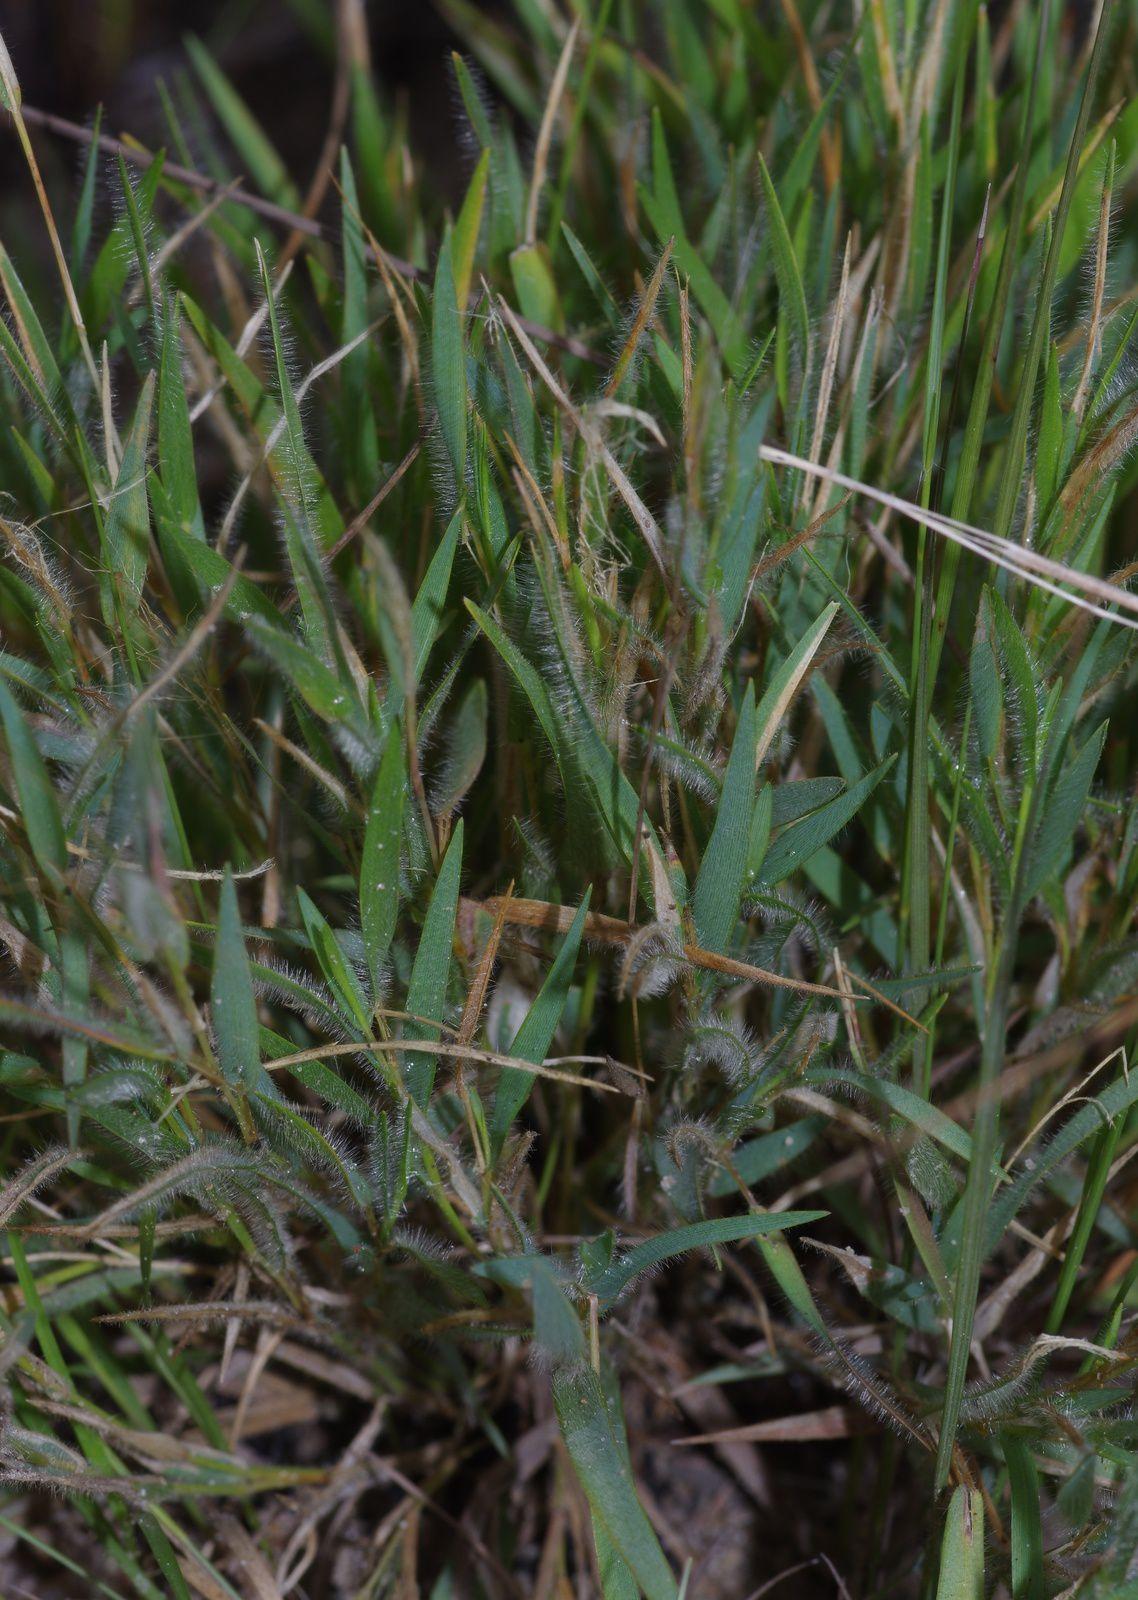 Panicum micranthum